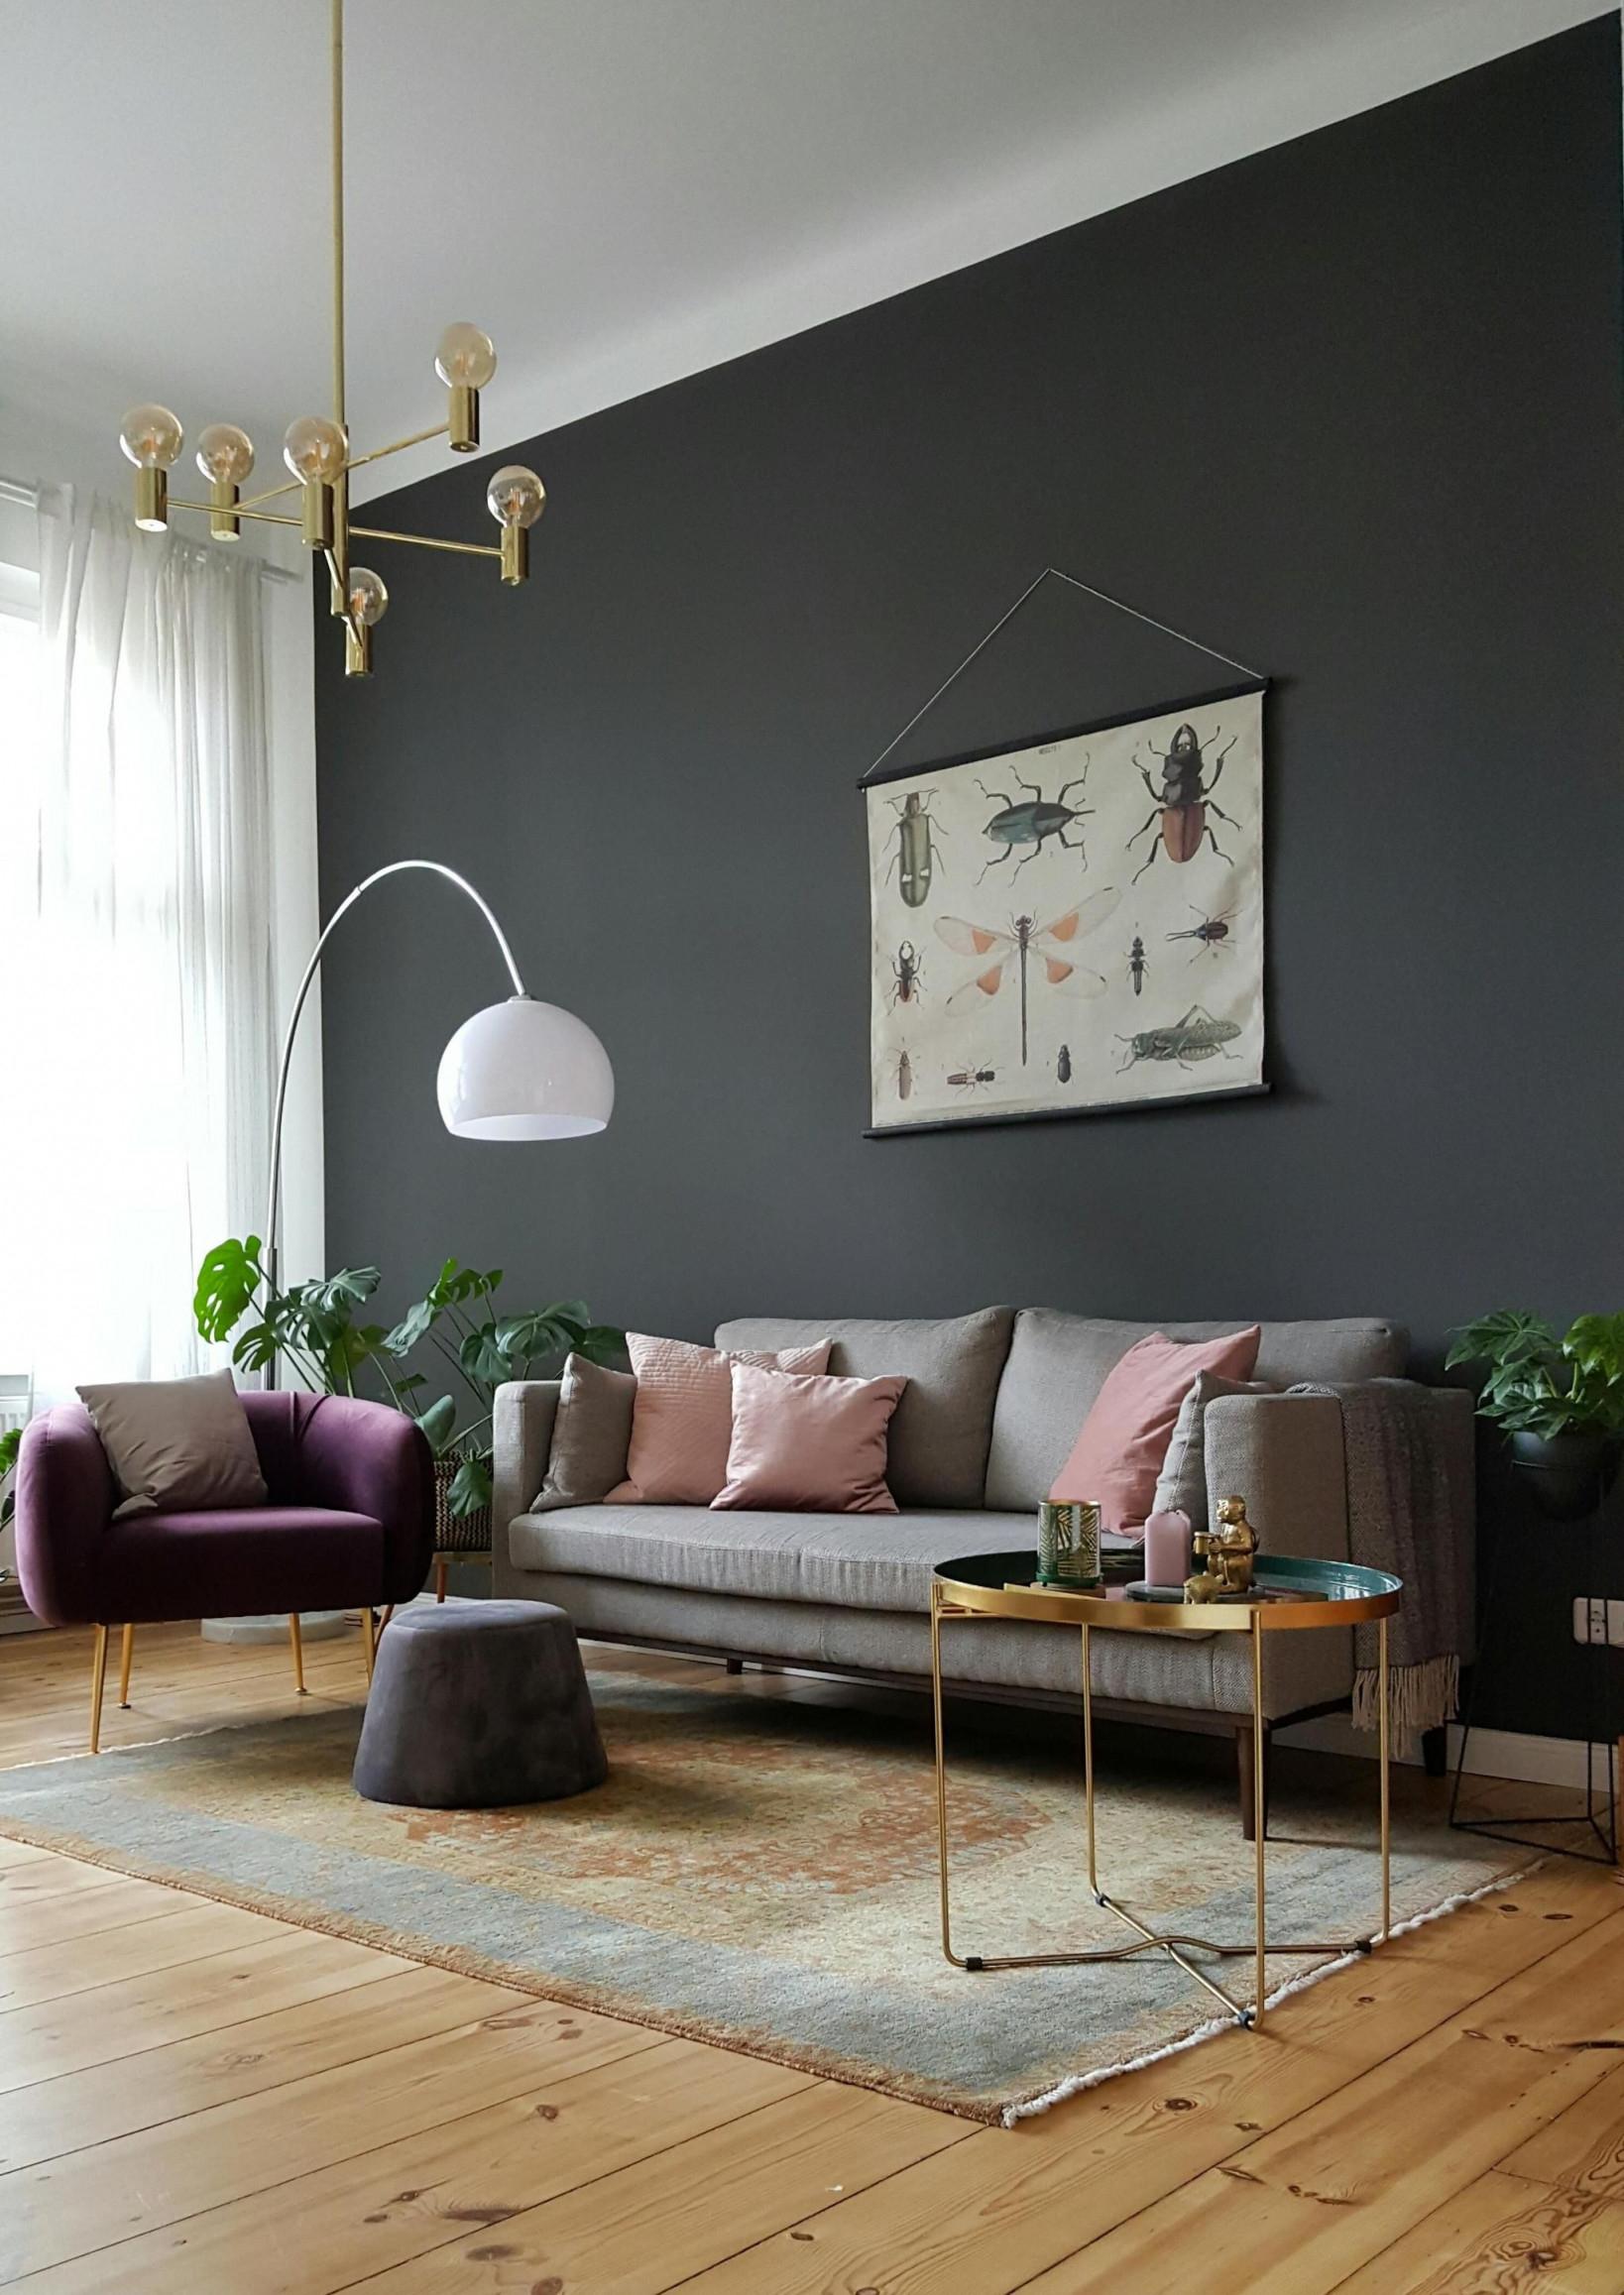 Neuer Teppich Wohnzimmer Skandinavisch Wandfarbe von Teppich Wohnzimmer Skandinavisch Photo